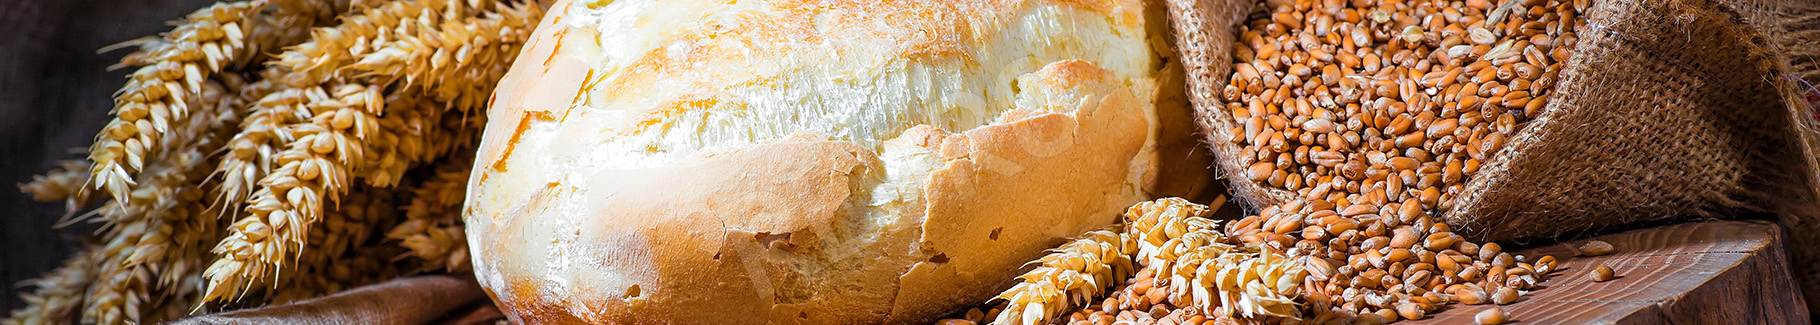 Fototapeta do kuchni chleb i zboża